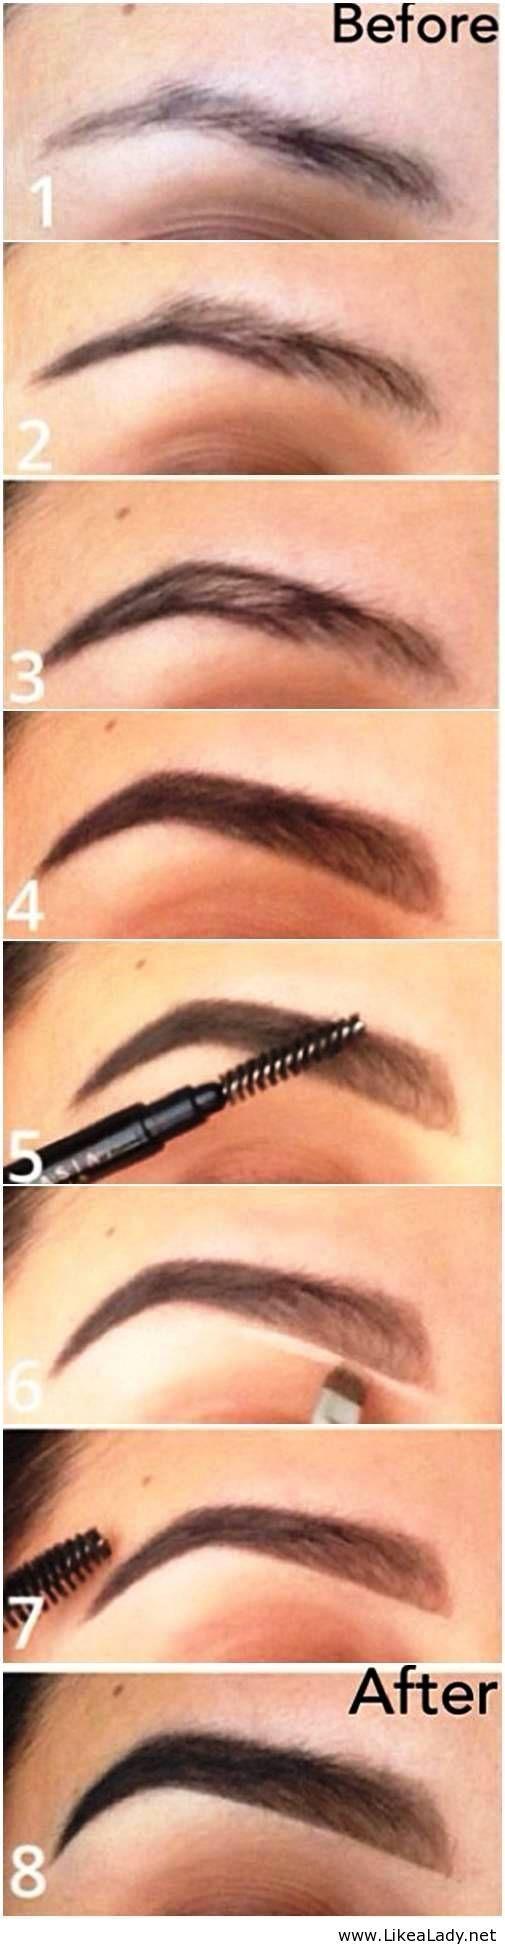 Forma correcta de depilar las cejas